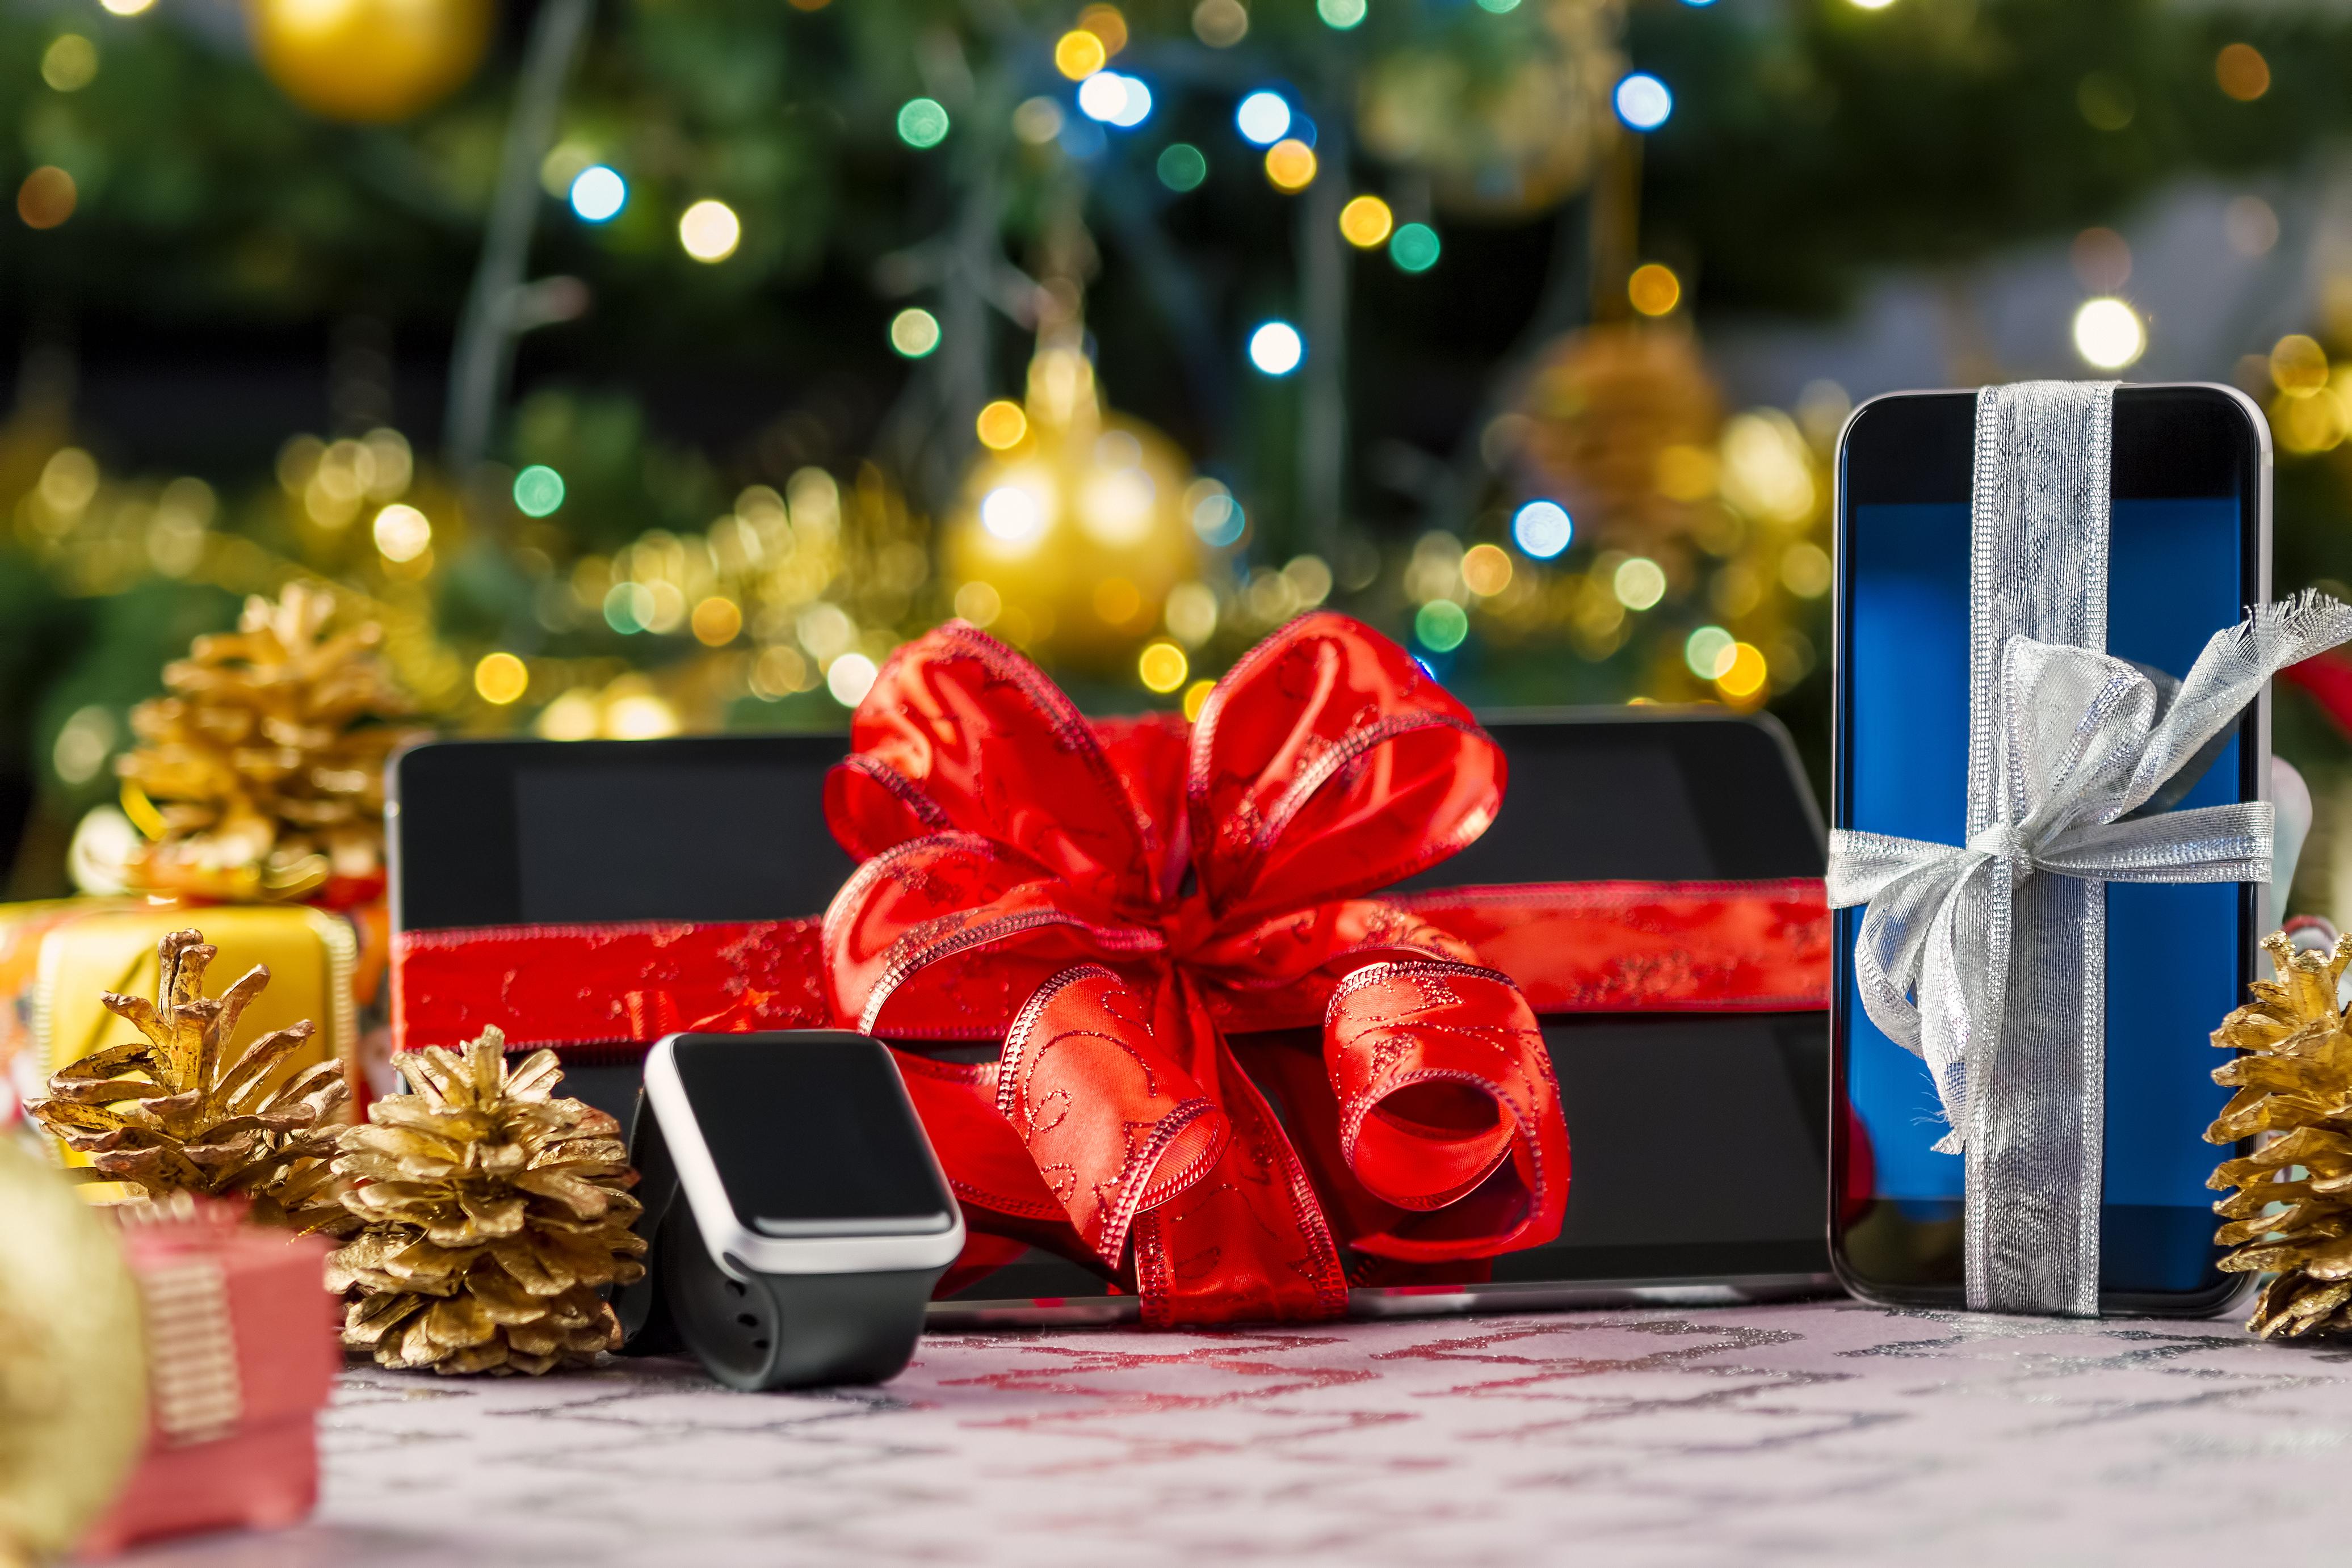 Geschenkideen Für Weihnachten.Geschenkideen Für Weihnachten Die Beste Technik Zum Verschenken